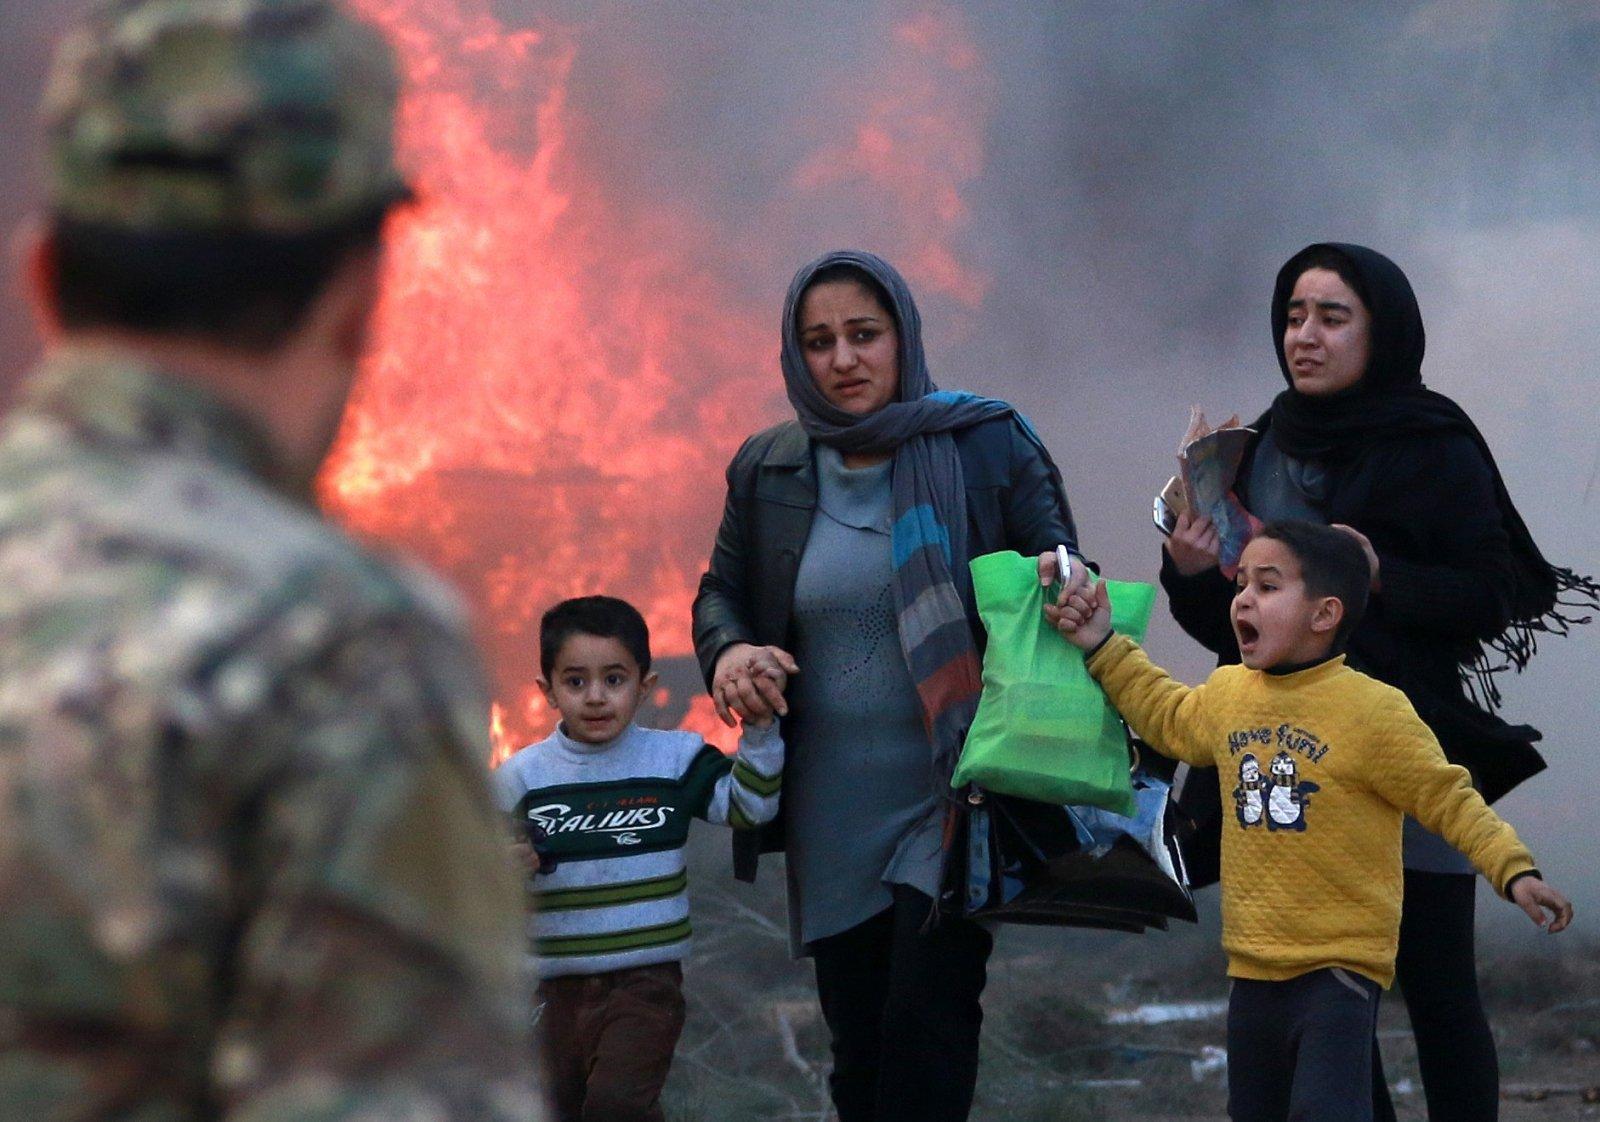 Samobójczy wybuch bomby w Afganistanie. Fot. PAP/EPA/HEDAYATULLAH AMID